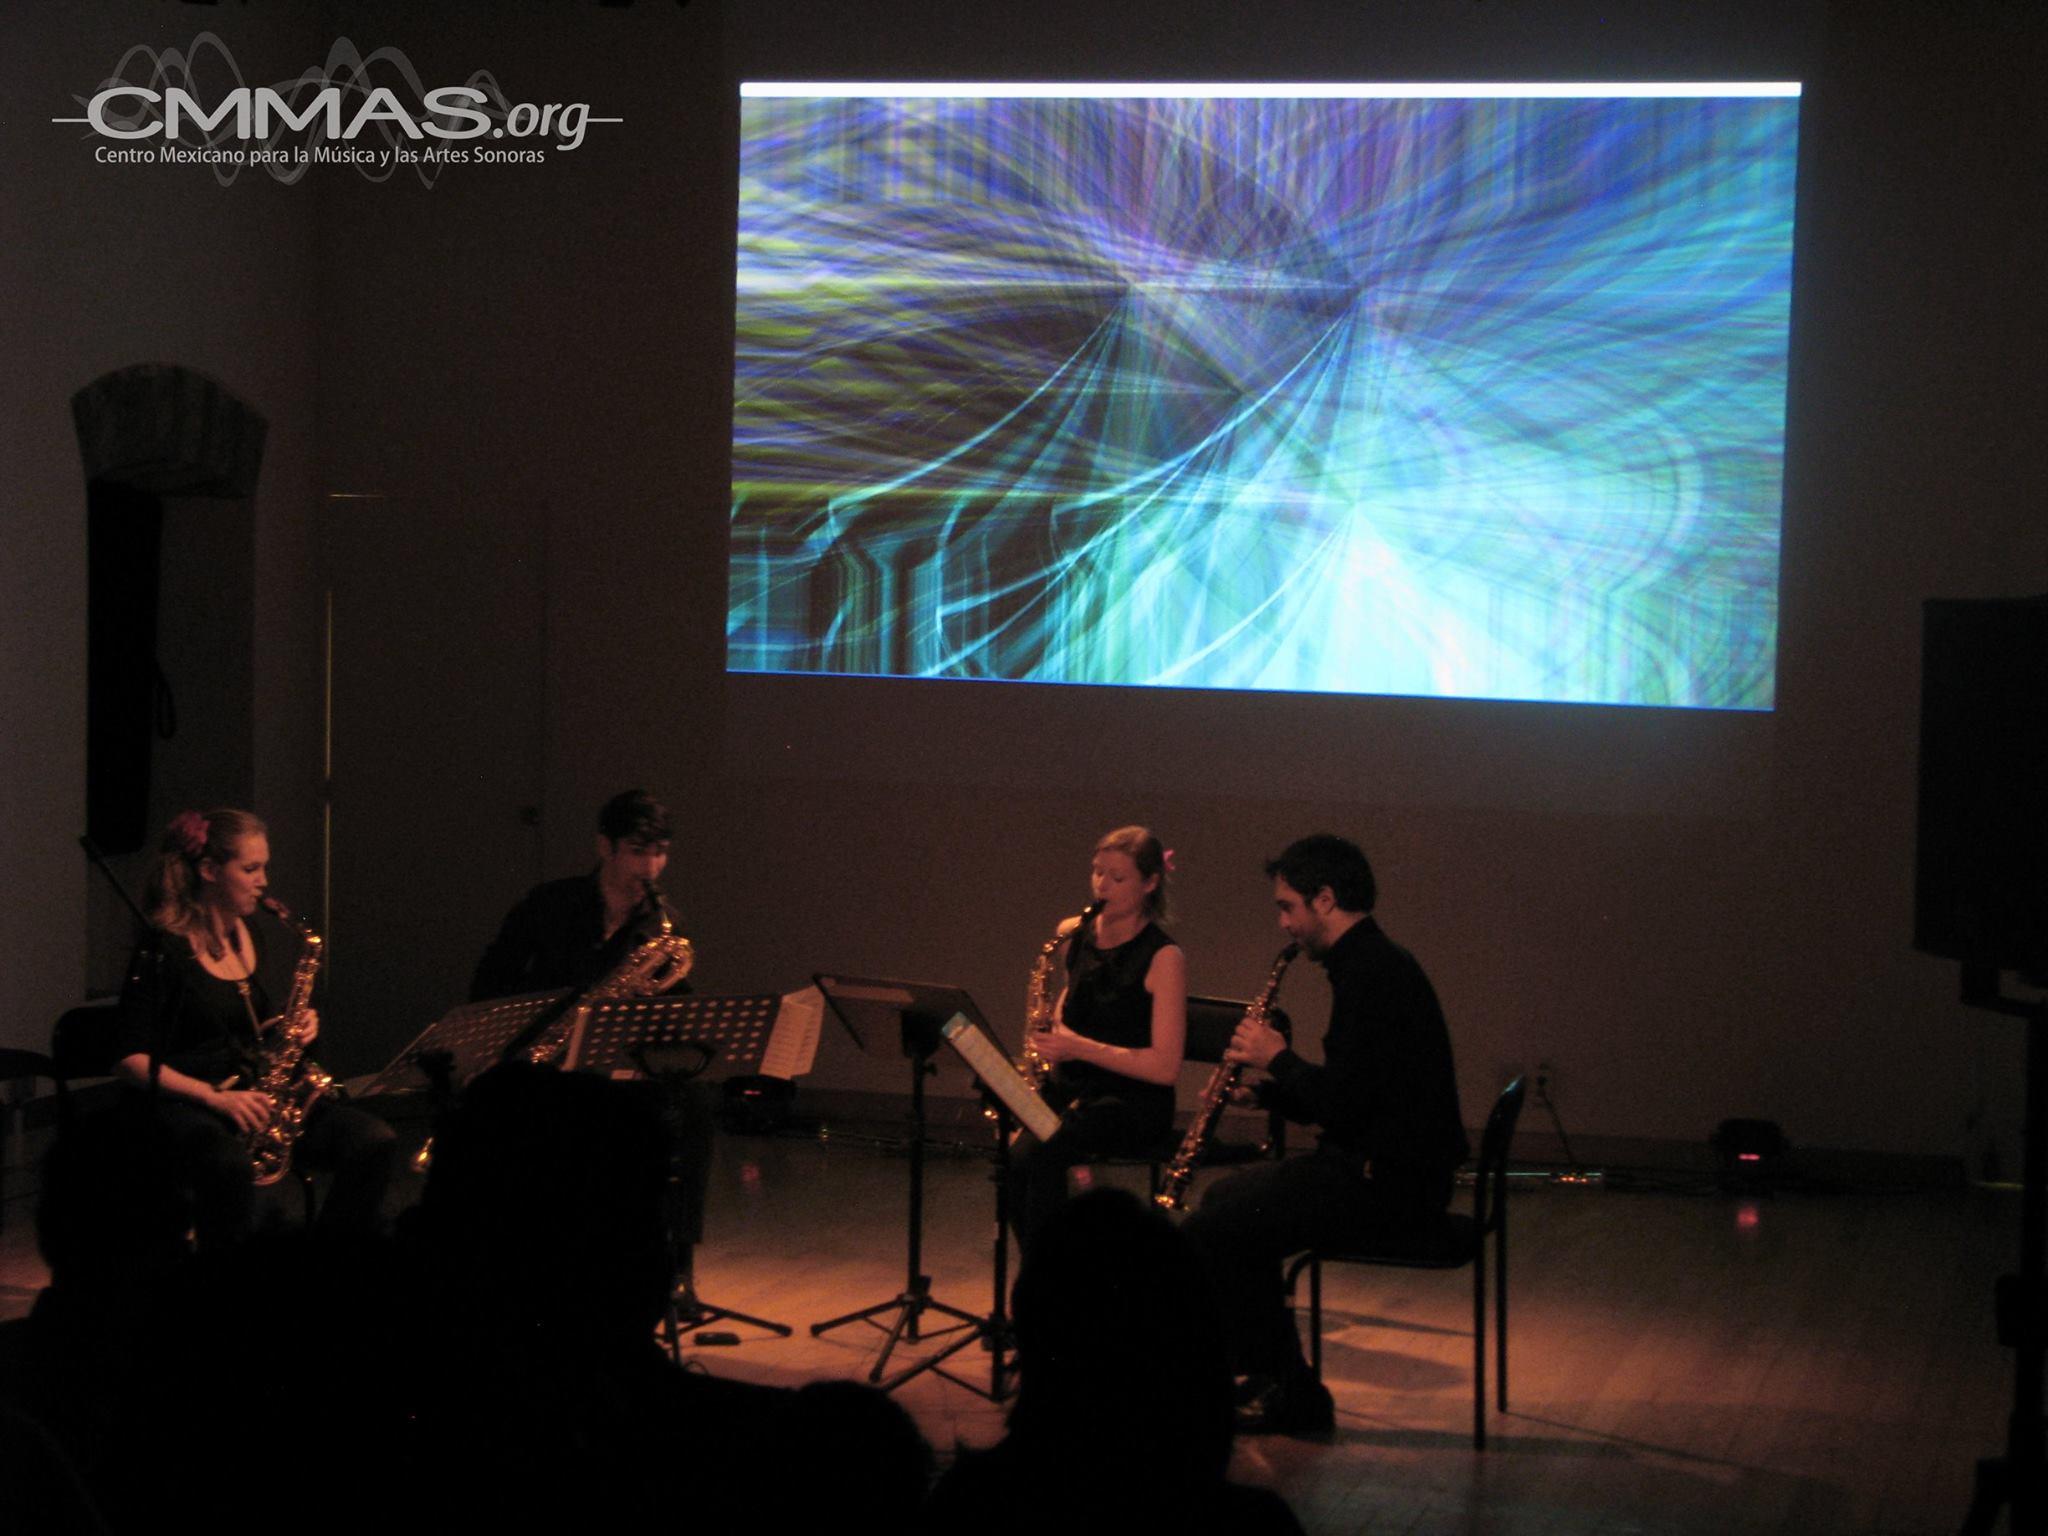 enrique-mendoza-land-expressions-melisma-quartet